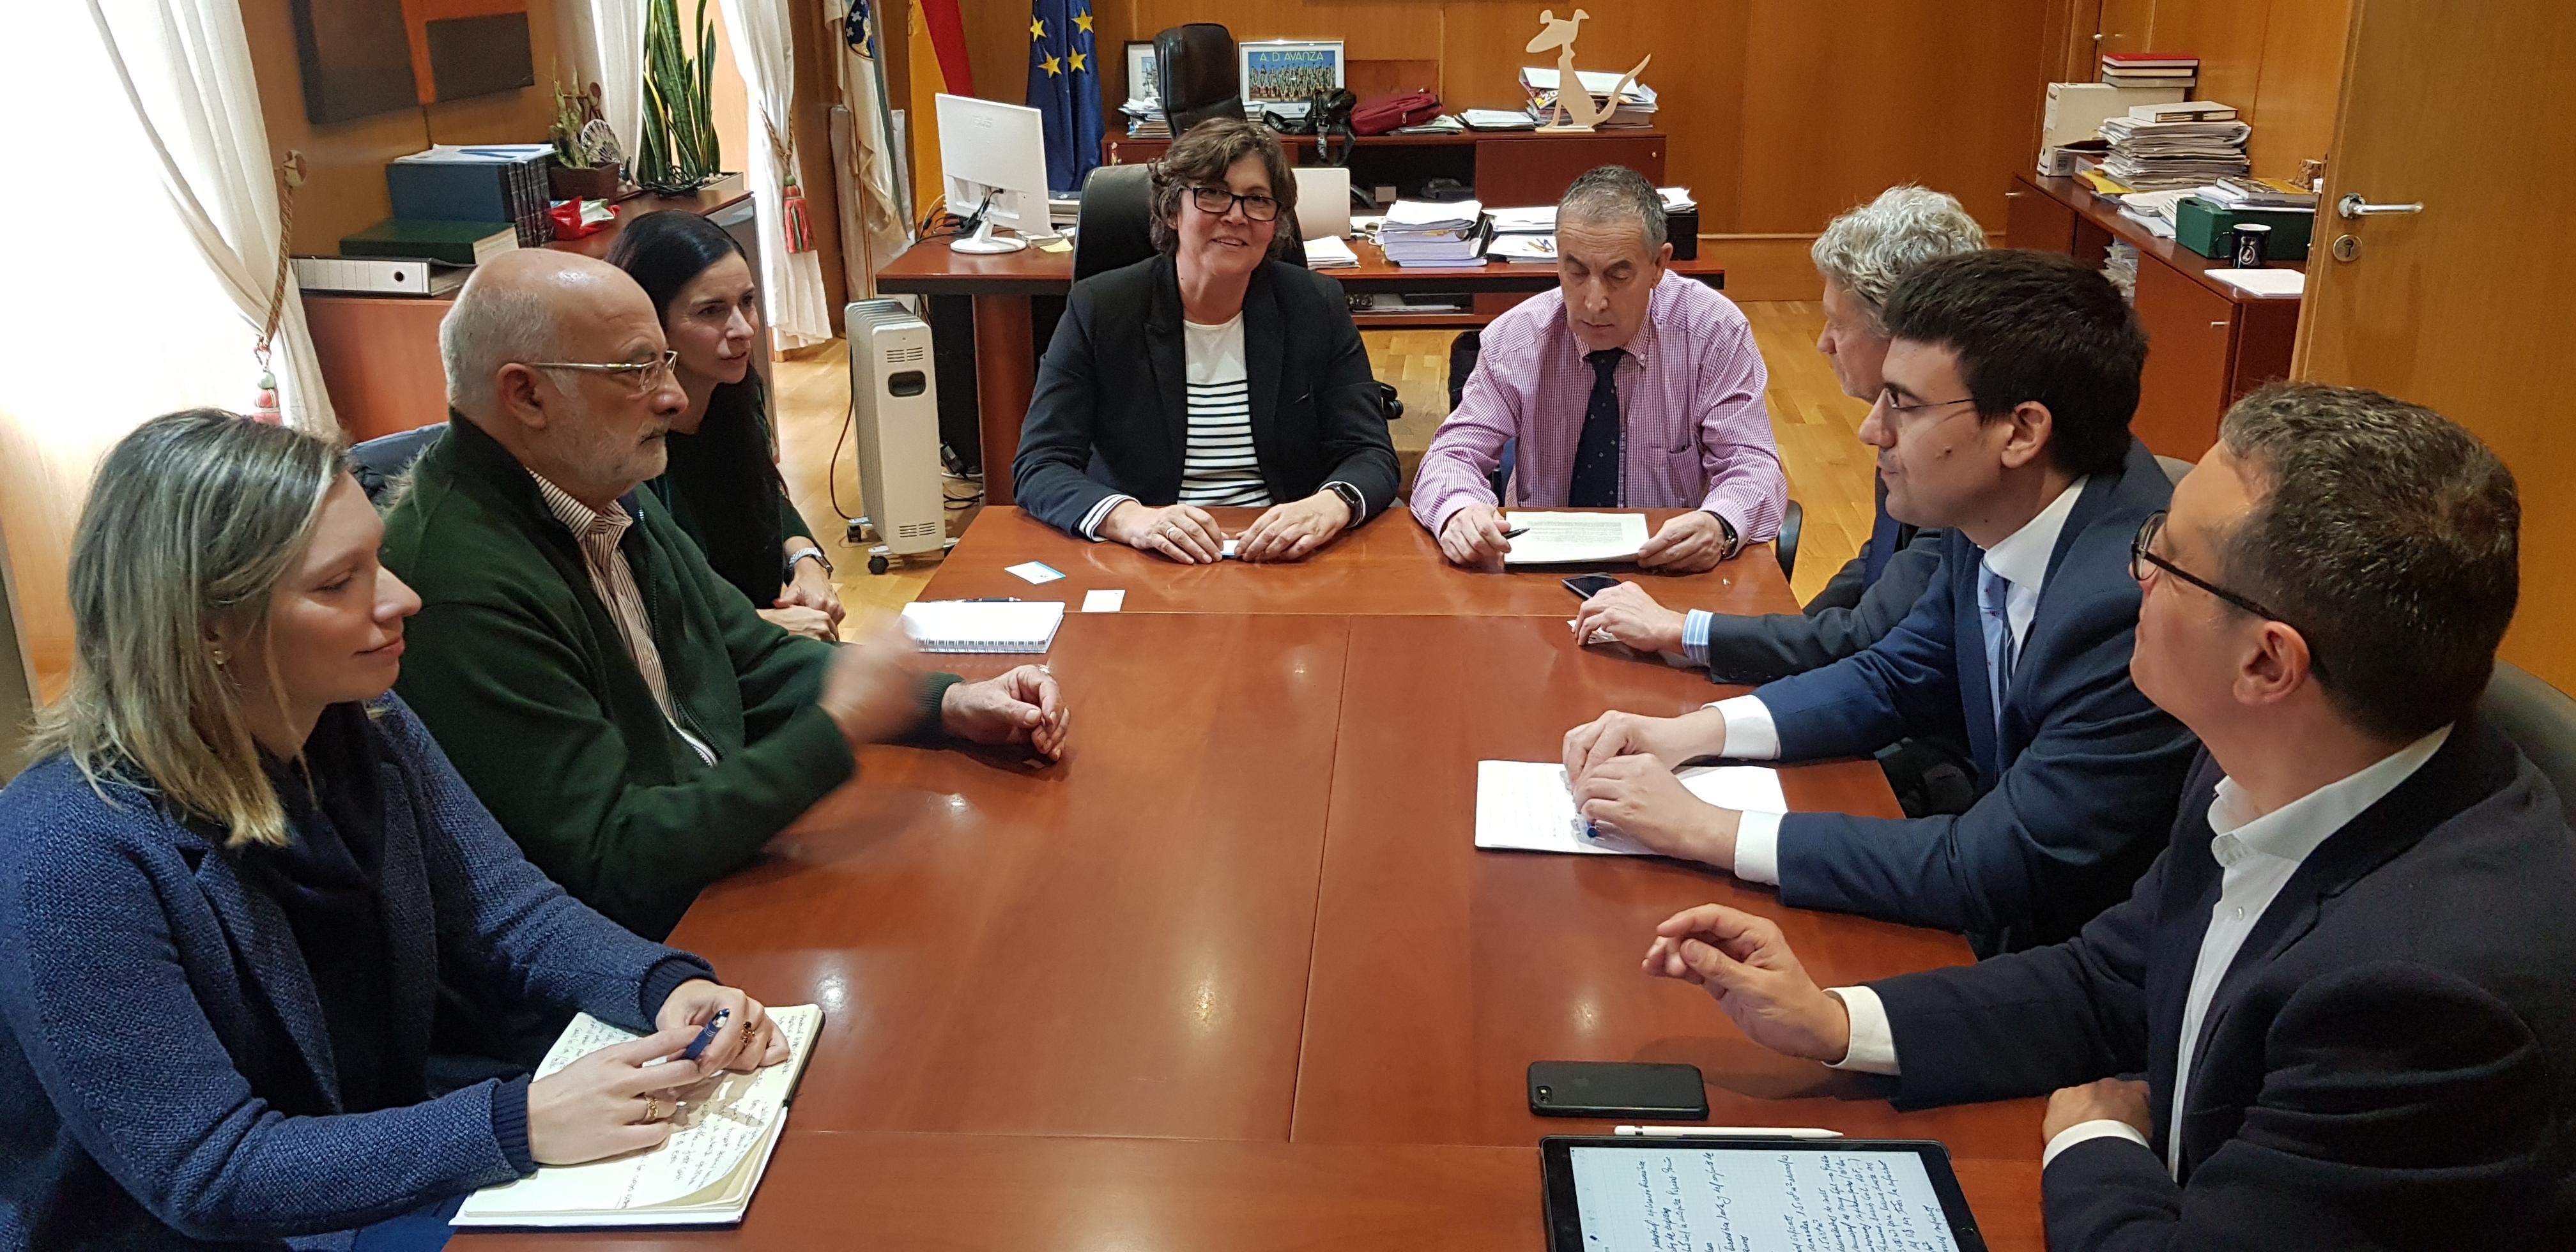 A alcaldesa reitera aos representantes do Foro de Empresarios de Galicia que O Porriño ten 1 millón e medio de metros cadrados de chan industrial e esixe que se axilice a burocracia para facilitar a chegada de empresas á vila